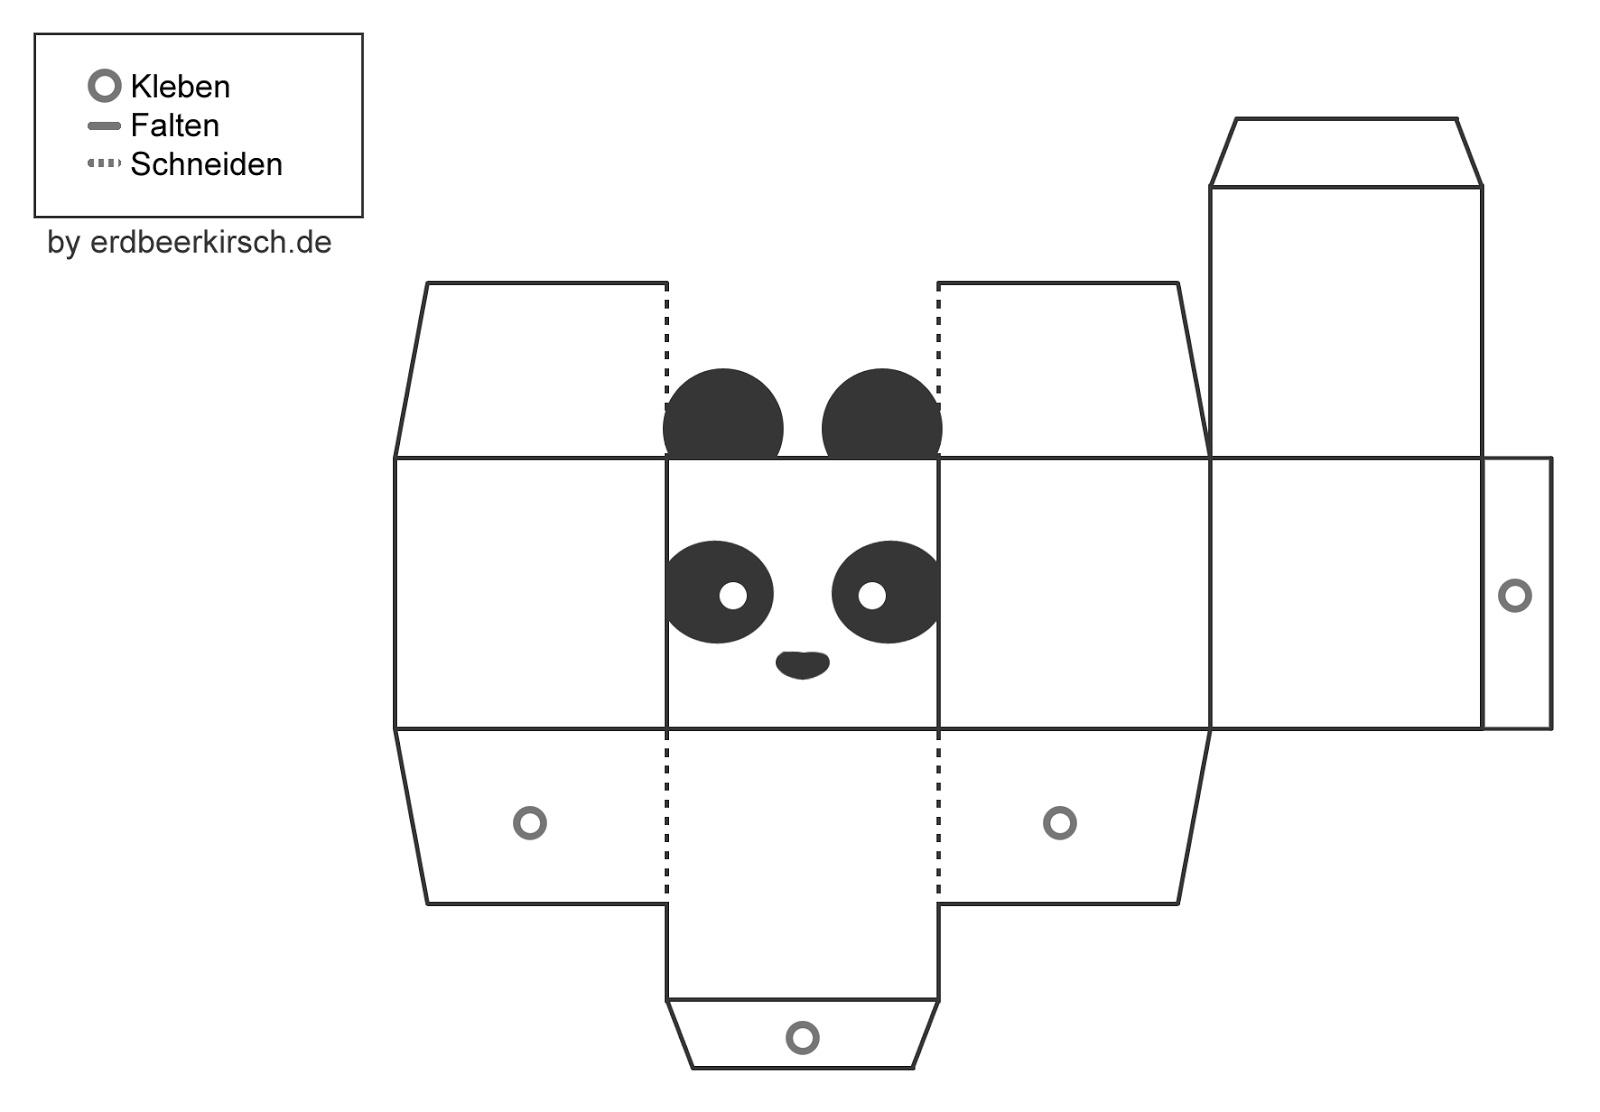 Großartig Box Vorlage Ausschneiden Bilder - Beispiel Wiederaufnahme ...